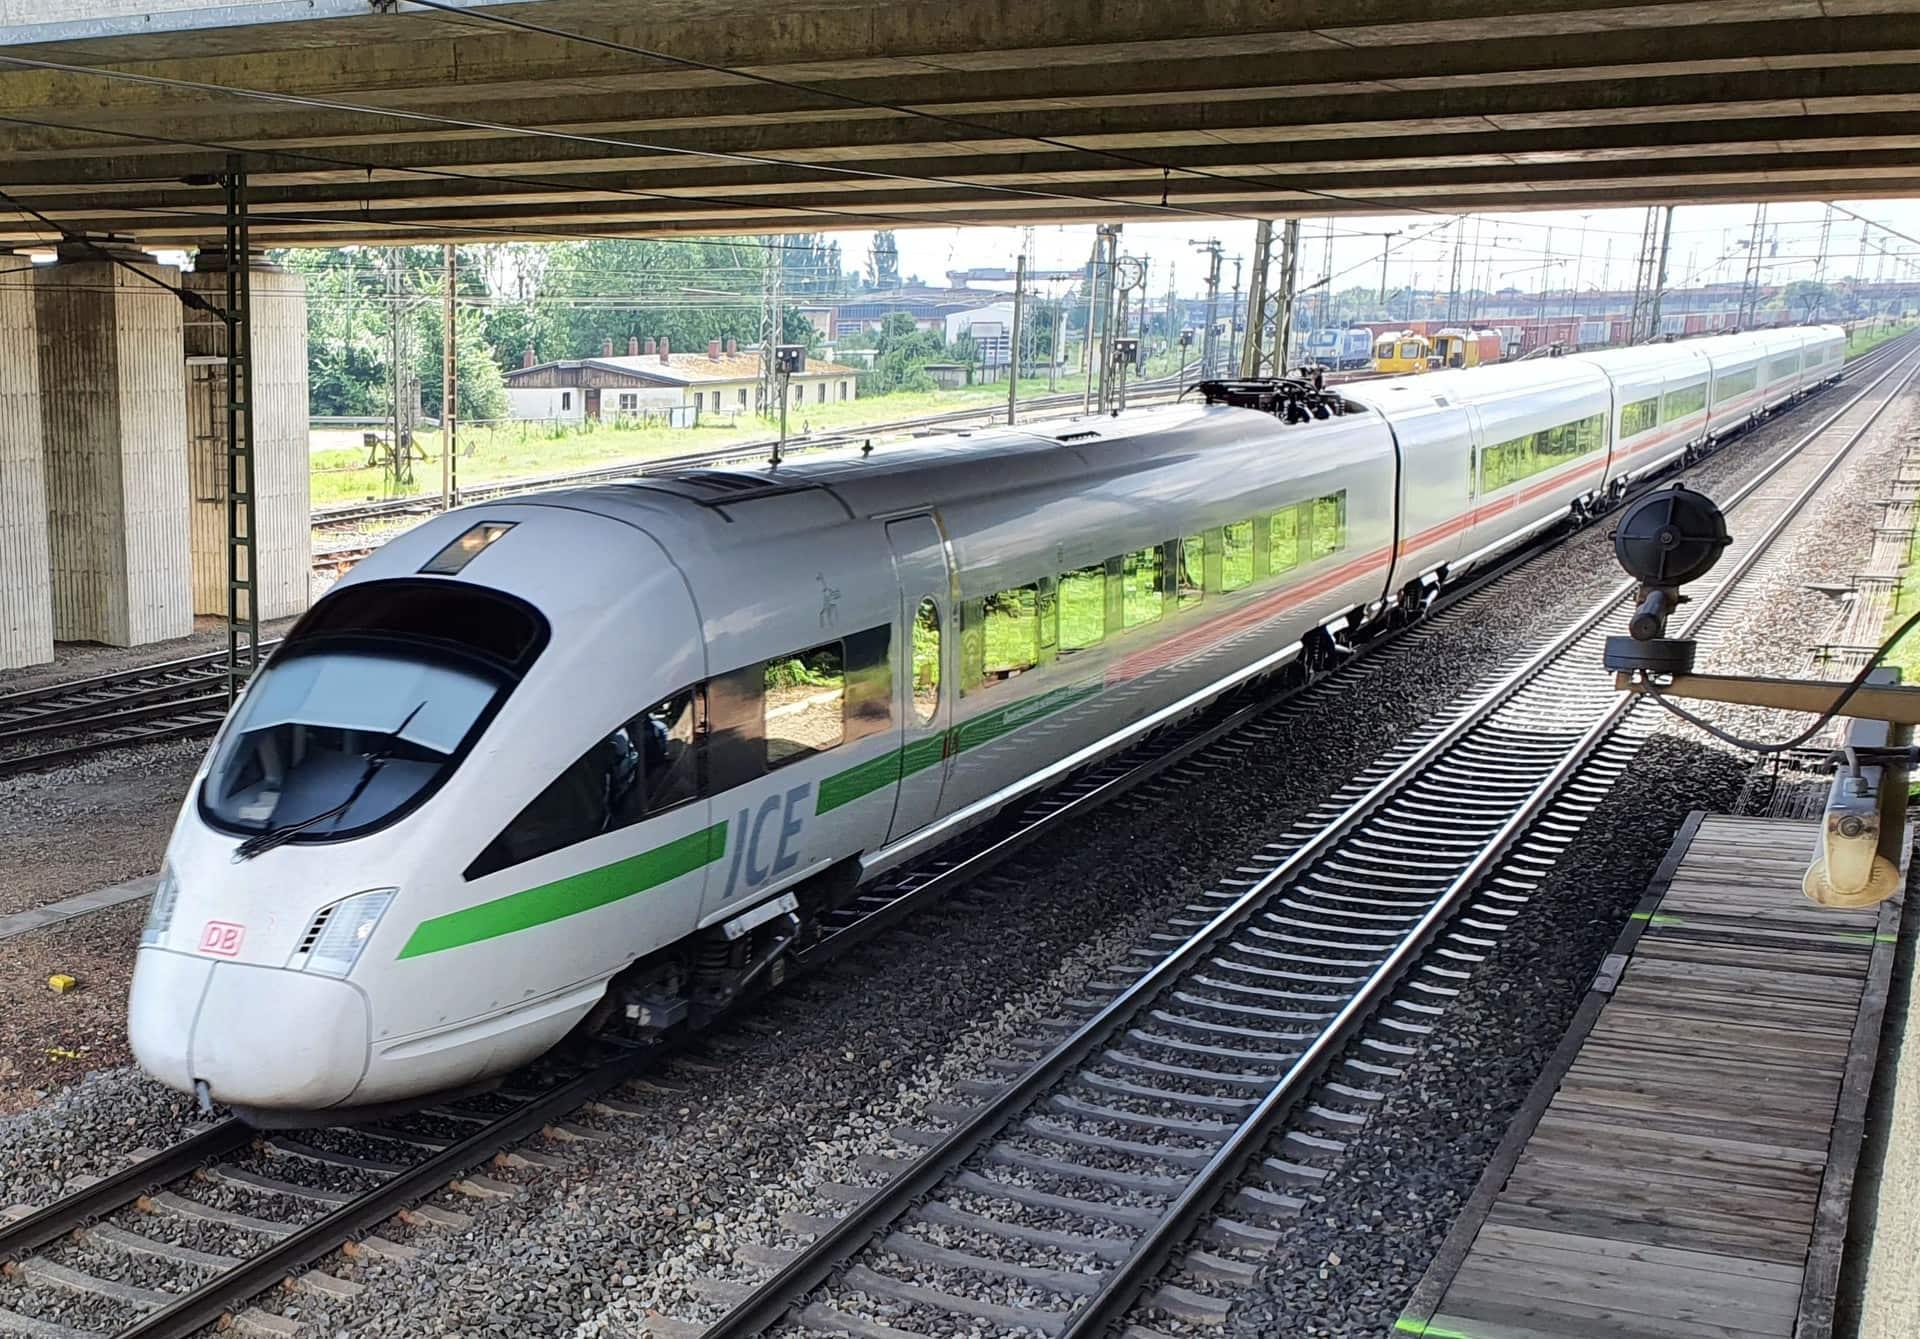 Durchbruch bei Schienenengpass Bundestagsabgeordneter Aumer erreicht, dass neben einem dritten auch ein viertes Gleis zwischen Regensburg und Obertraubling kommt